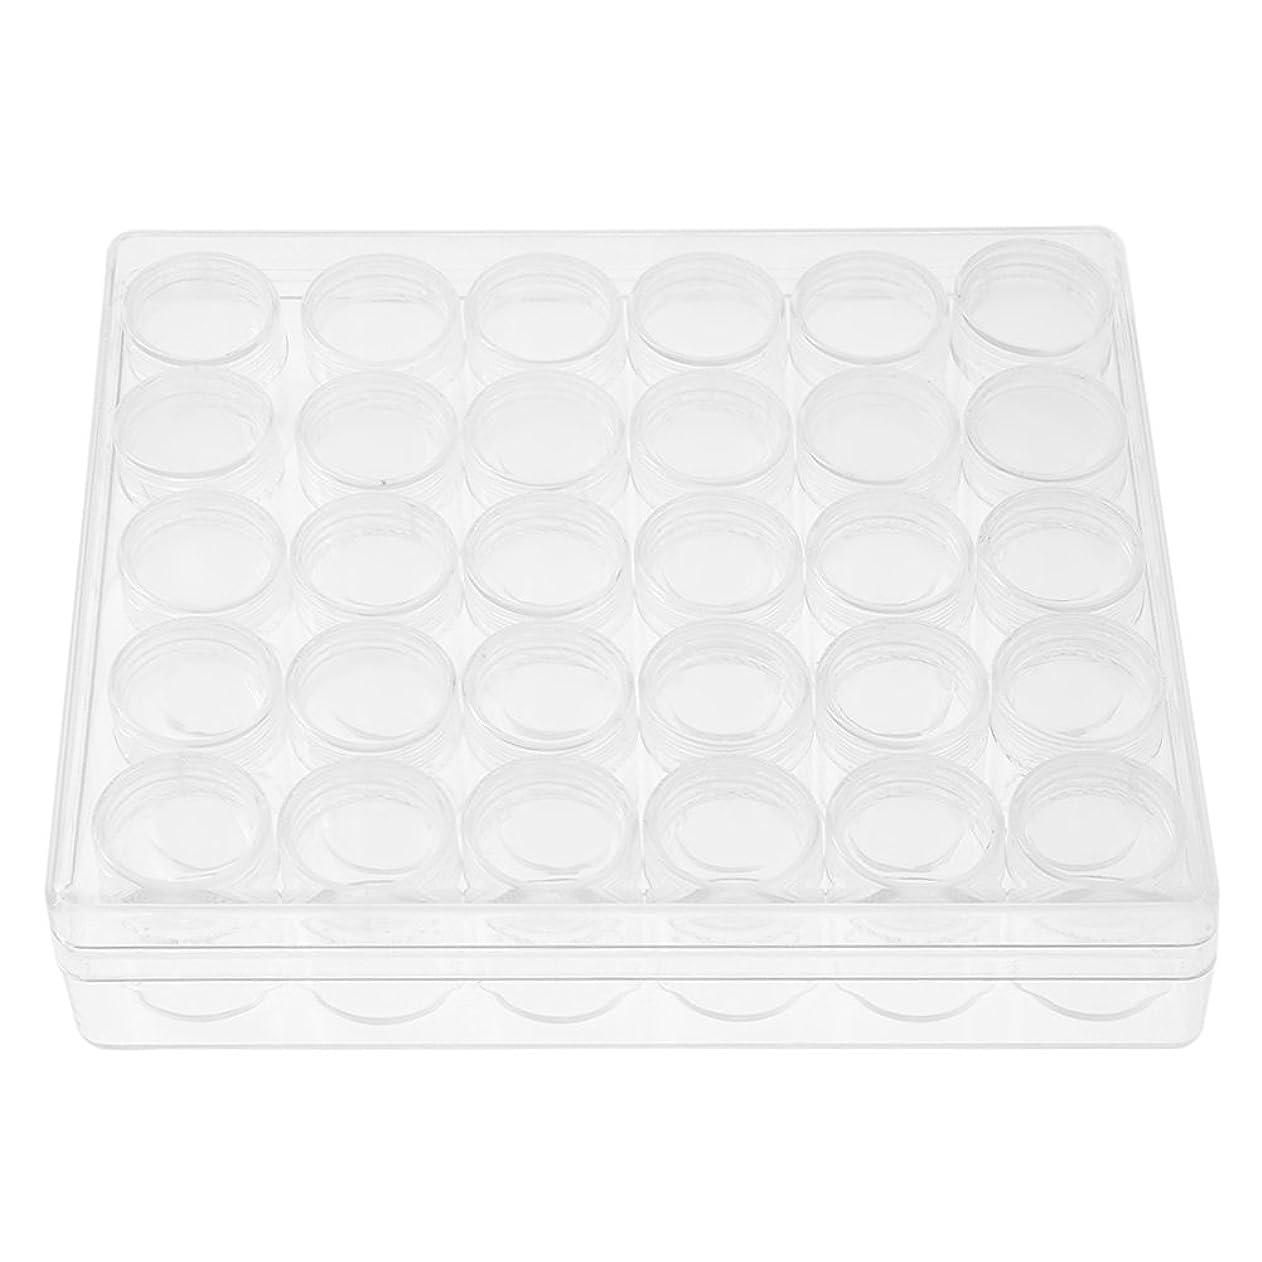 維持する徹底的に定義30個 透明 プラスチック製 容器瓶 詰替容器 ラインストーン ビードの貯蔵 長方形の箱付き 円形